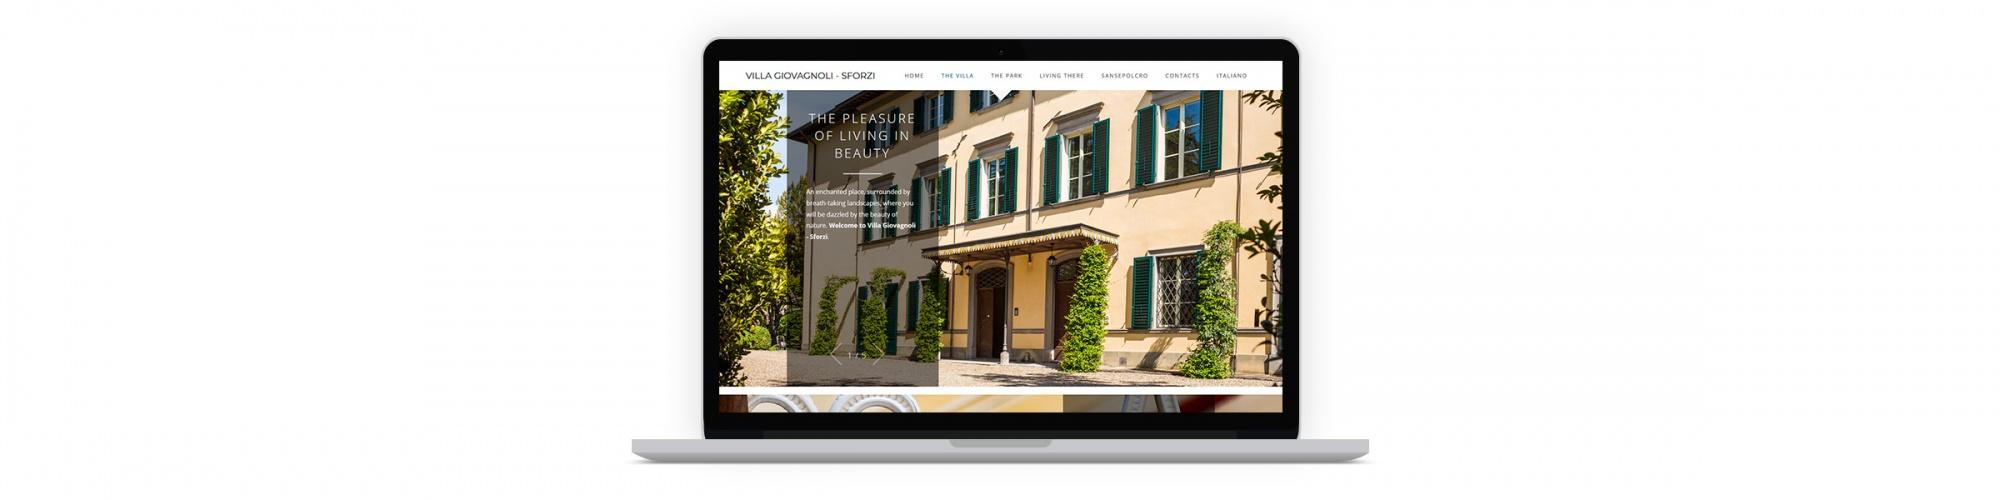 Sesinet Portfolio | Sito web per Villa Giovagnoli - Sforzi